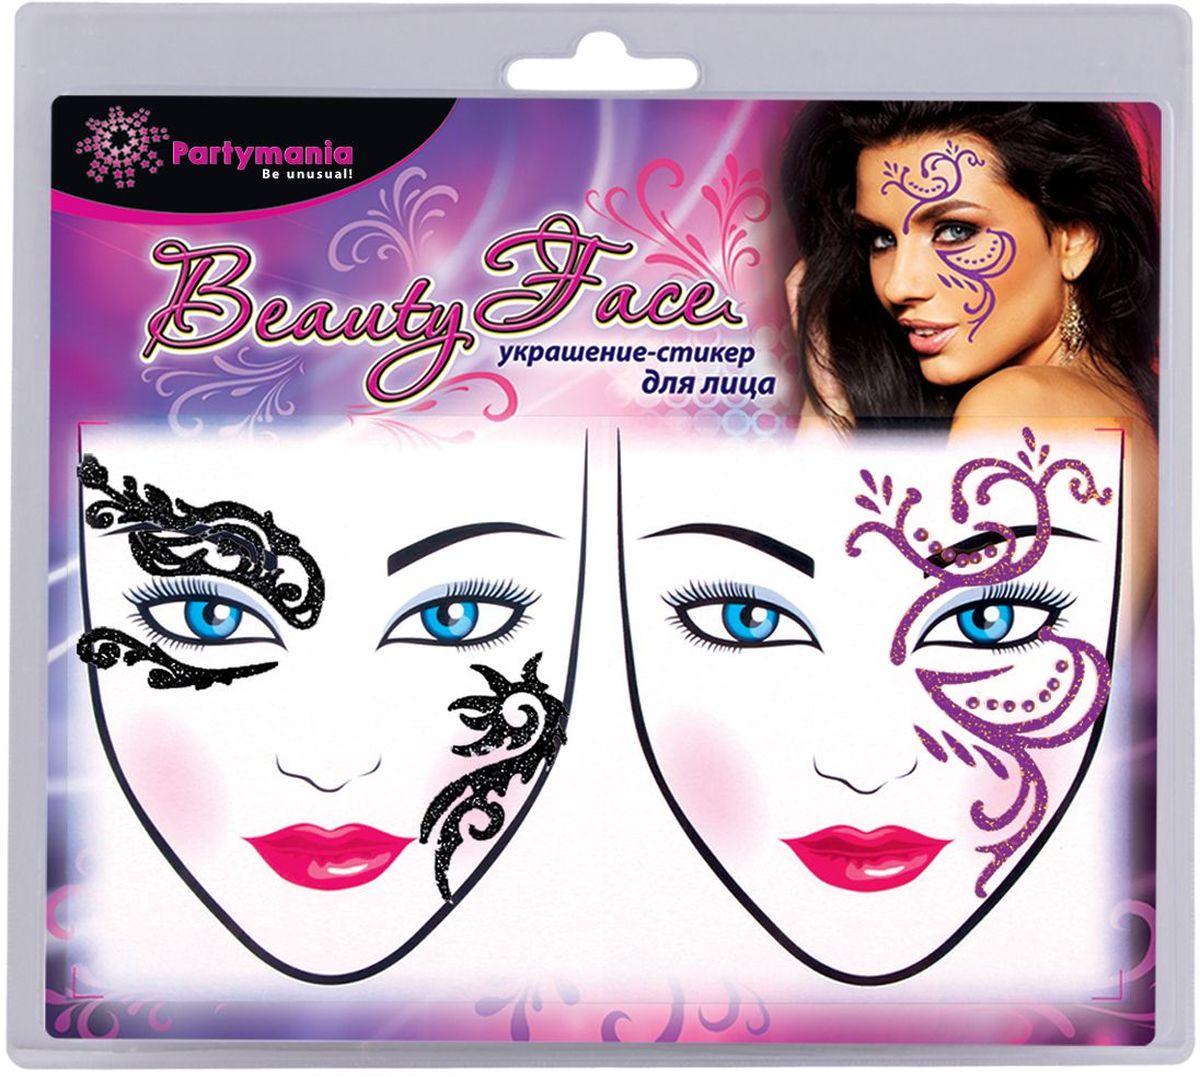 Partymania Украшение-стикер для лица Beauty face T0805 цвет черная,розоваяT0805_черная,розоваяИзящное украшение-стикер для лица сделает Ваш образ ярким и запоминающимся. Наклейка, сделанная из качественных материалов, надежно продержится на лице весь вечер. Вы будете блистать на любом мероприятии. Сделайте свой праздник особенным! Набор из 2 стикеров в упаковке. 2 варианта наборов со стикерами поставляются под одним артикулом T0805. Цвета изделий: 1. серебрянный + золотой; 2. фиолетовый + черный. Размер упаковки - 274х265х5 мм.